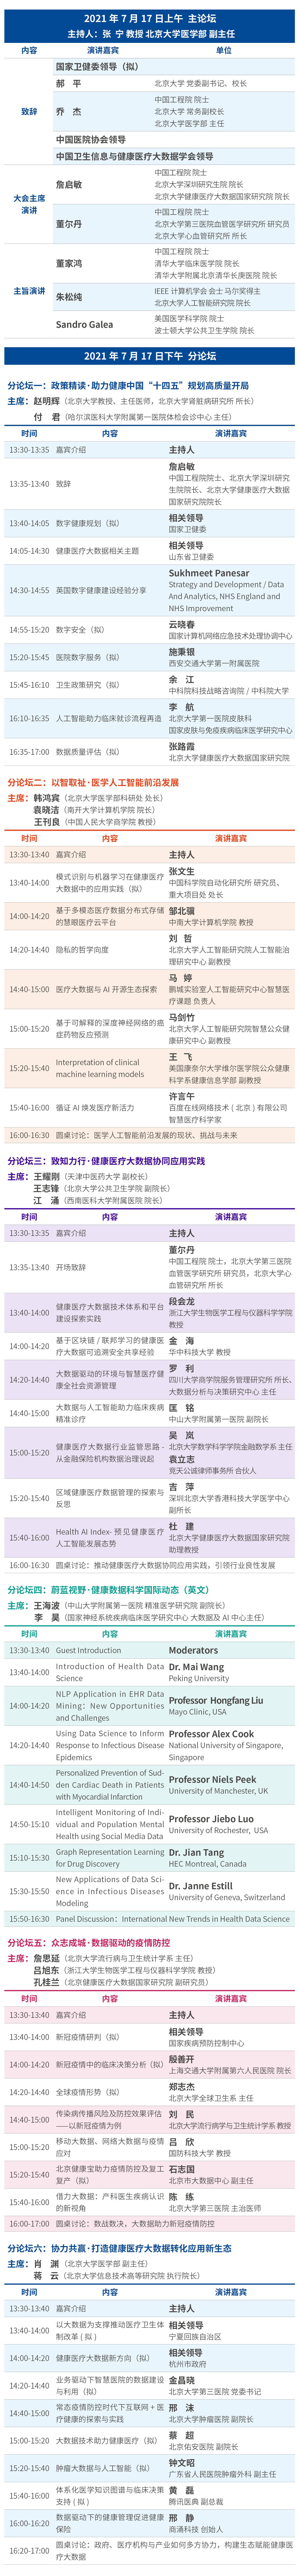 北京健康医疗大数据论坛7月举办 大会主席詹启敏院士发表寄语